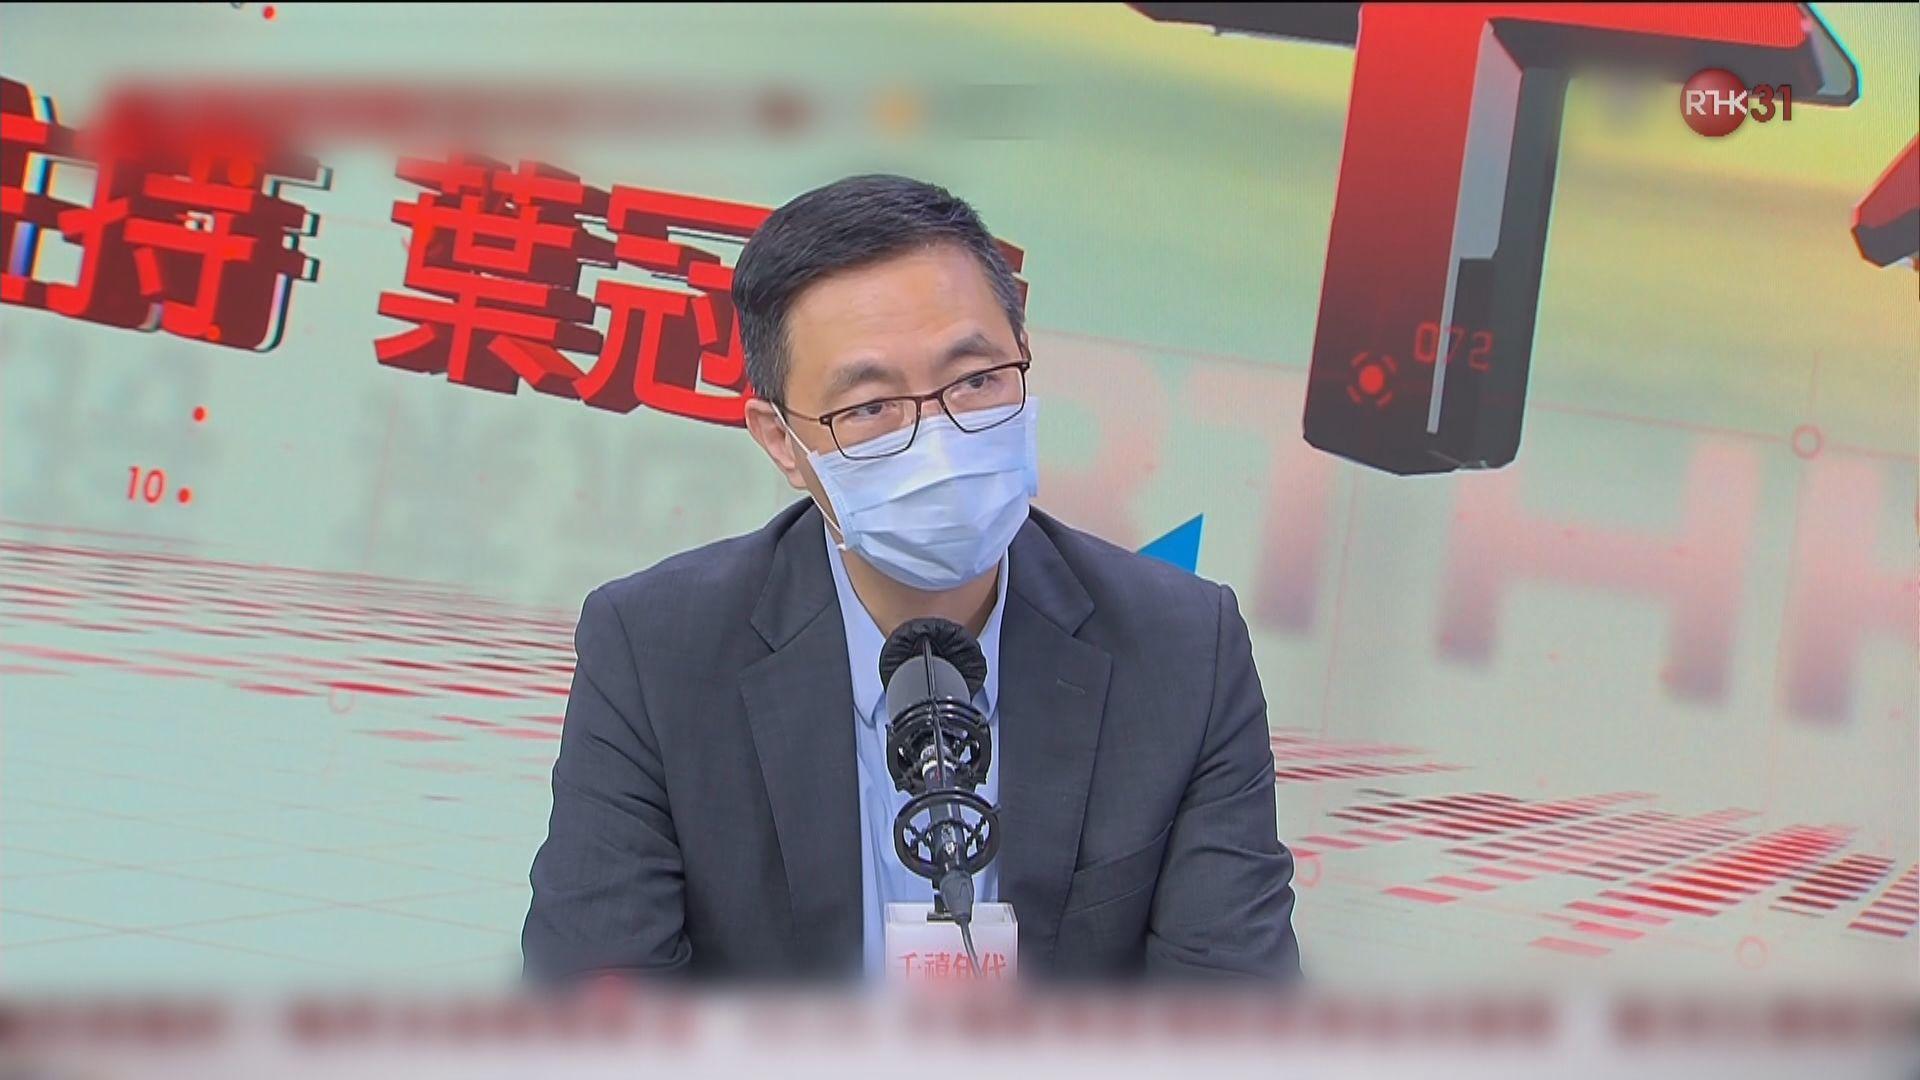 楊潤雄:改革通識科培育學生正面價值觀和國民身份認同